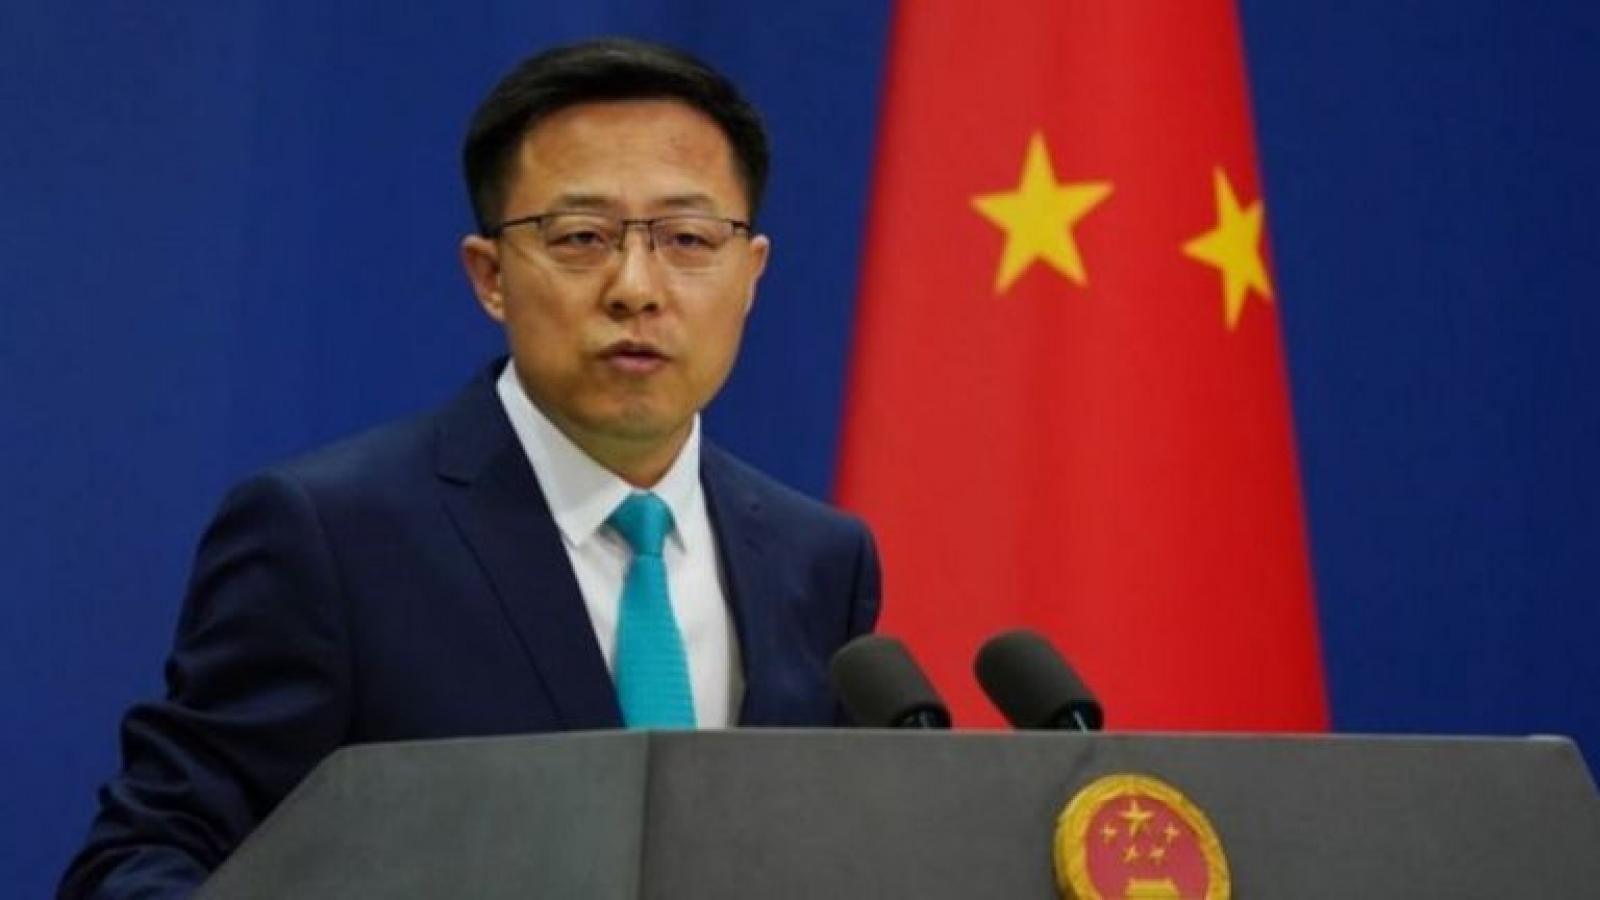 """Trung Quốc kêu gọi chính quyền mới của Mỹ """"nhìn nhận khách quan"""" quan hệ Trung-Mỹ"""